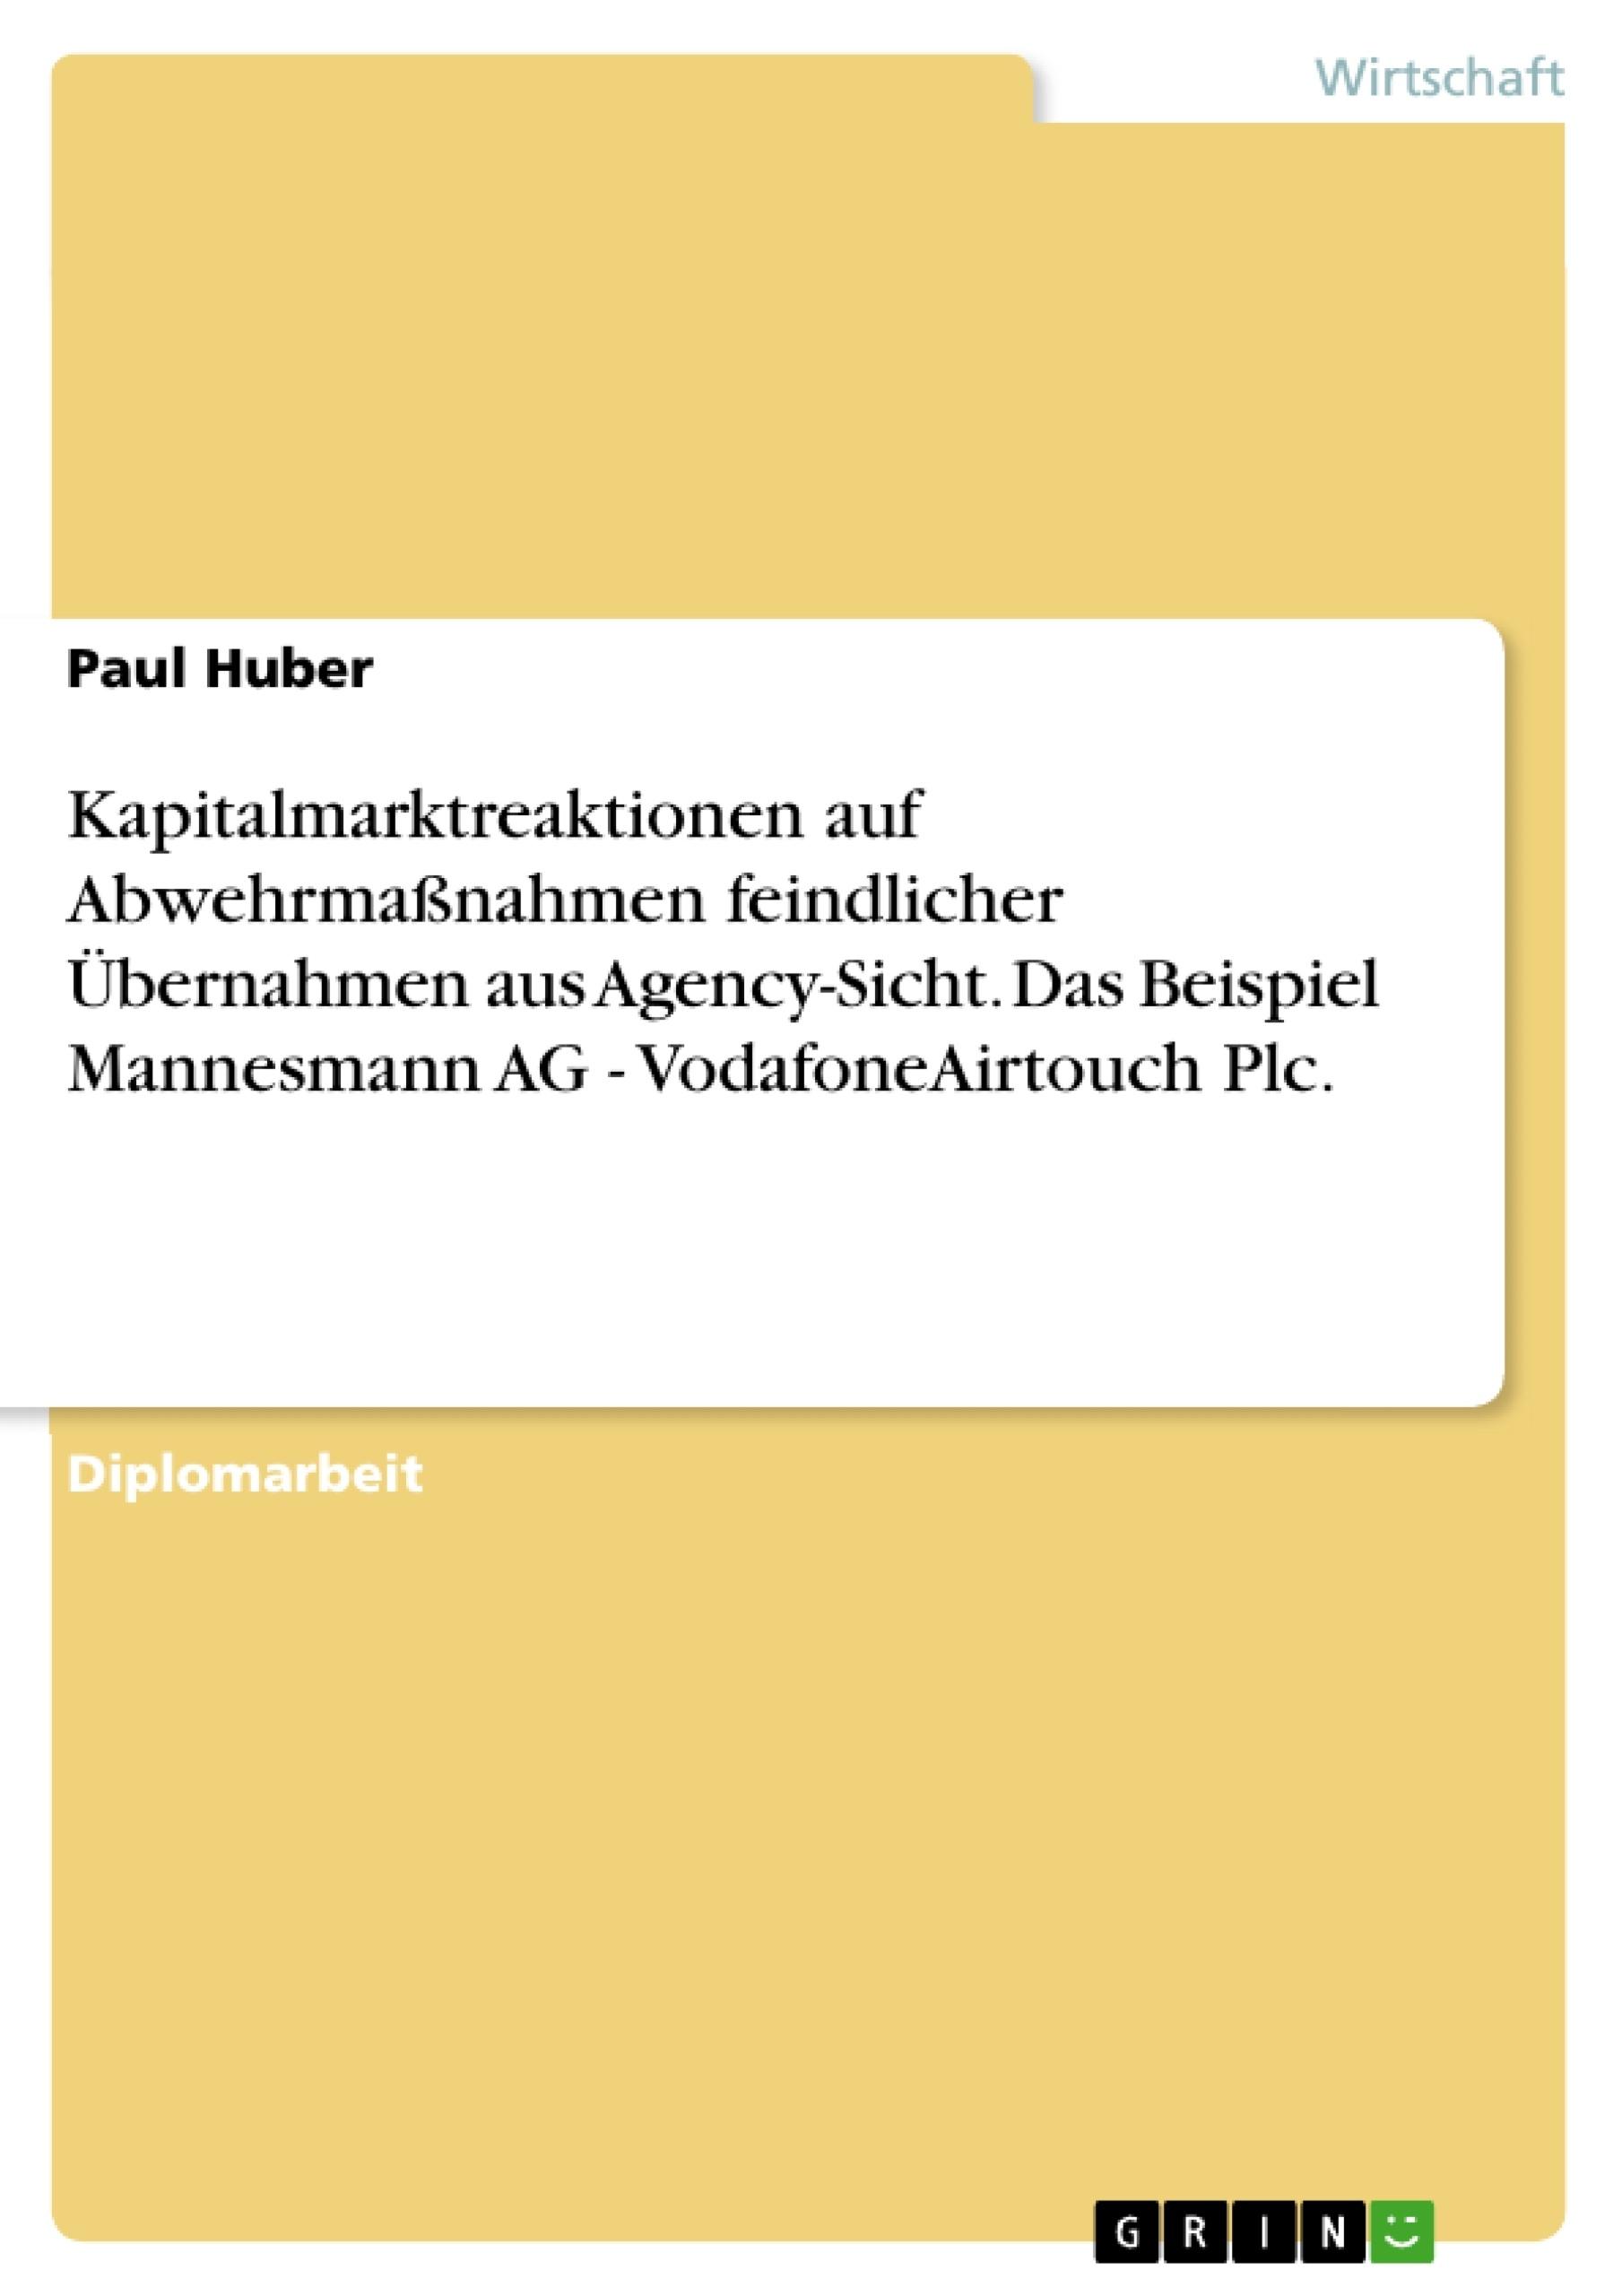 Titel: Kapitalmarktreaktionen auf Abwehrmaßnahmen feindlicher Übernahmen aus Agency-Sicht. Das Beispiel Mannesmann AG - VodafoneAirtouch Plc.